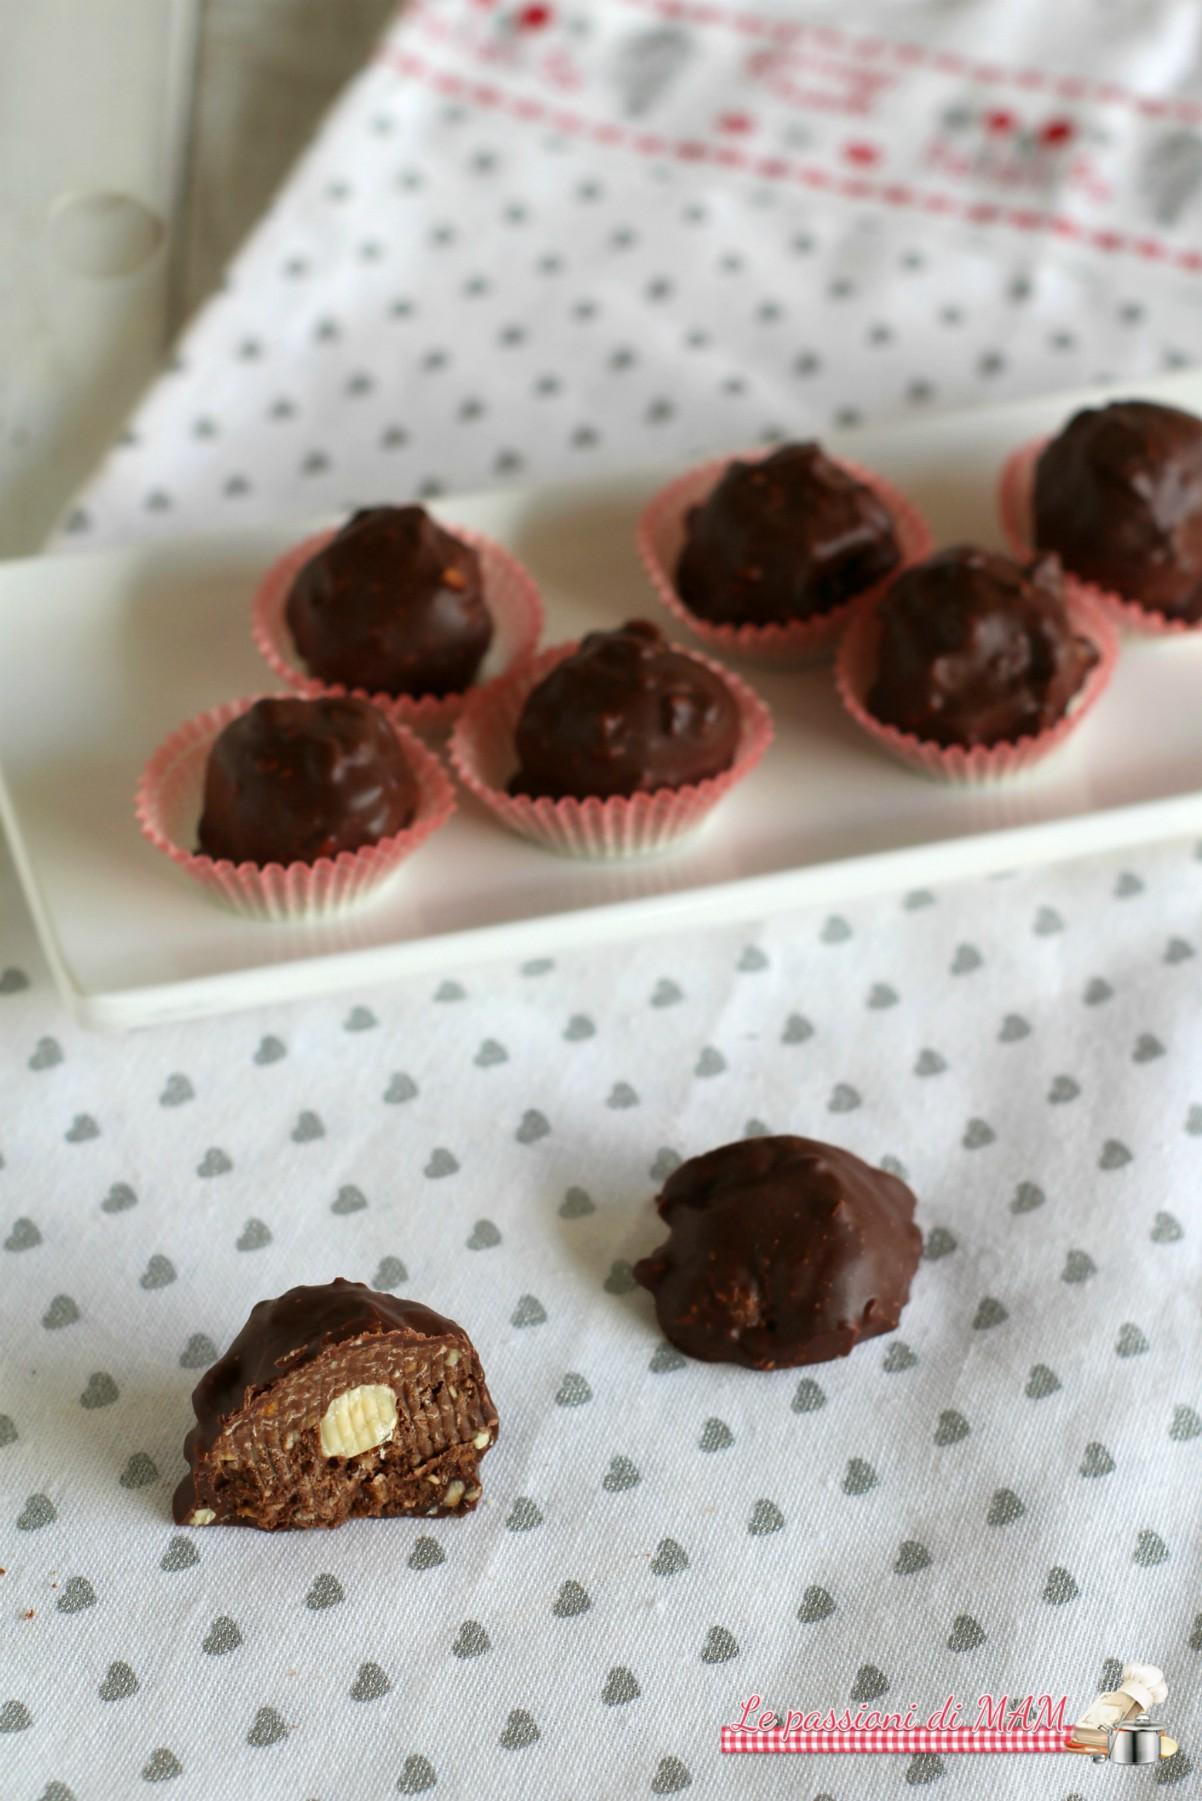 cioccolatini wafer e nutella